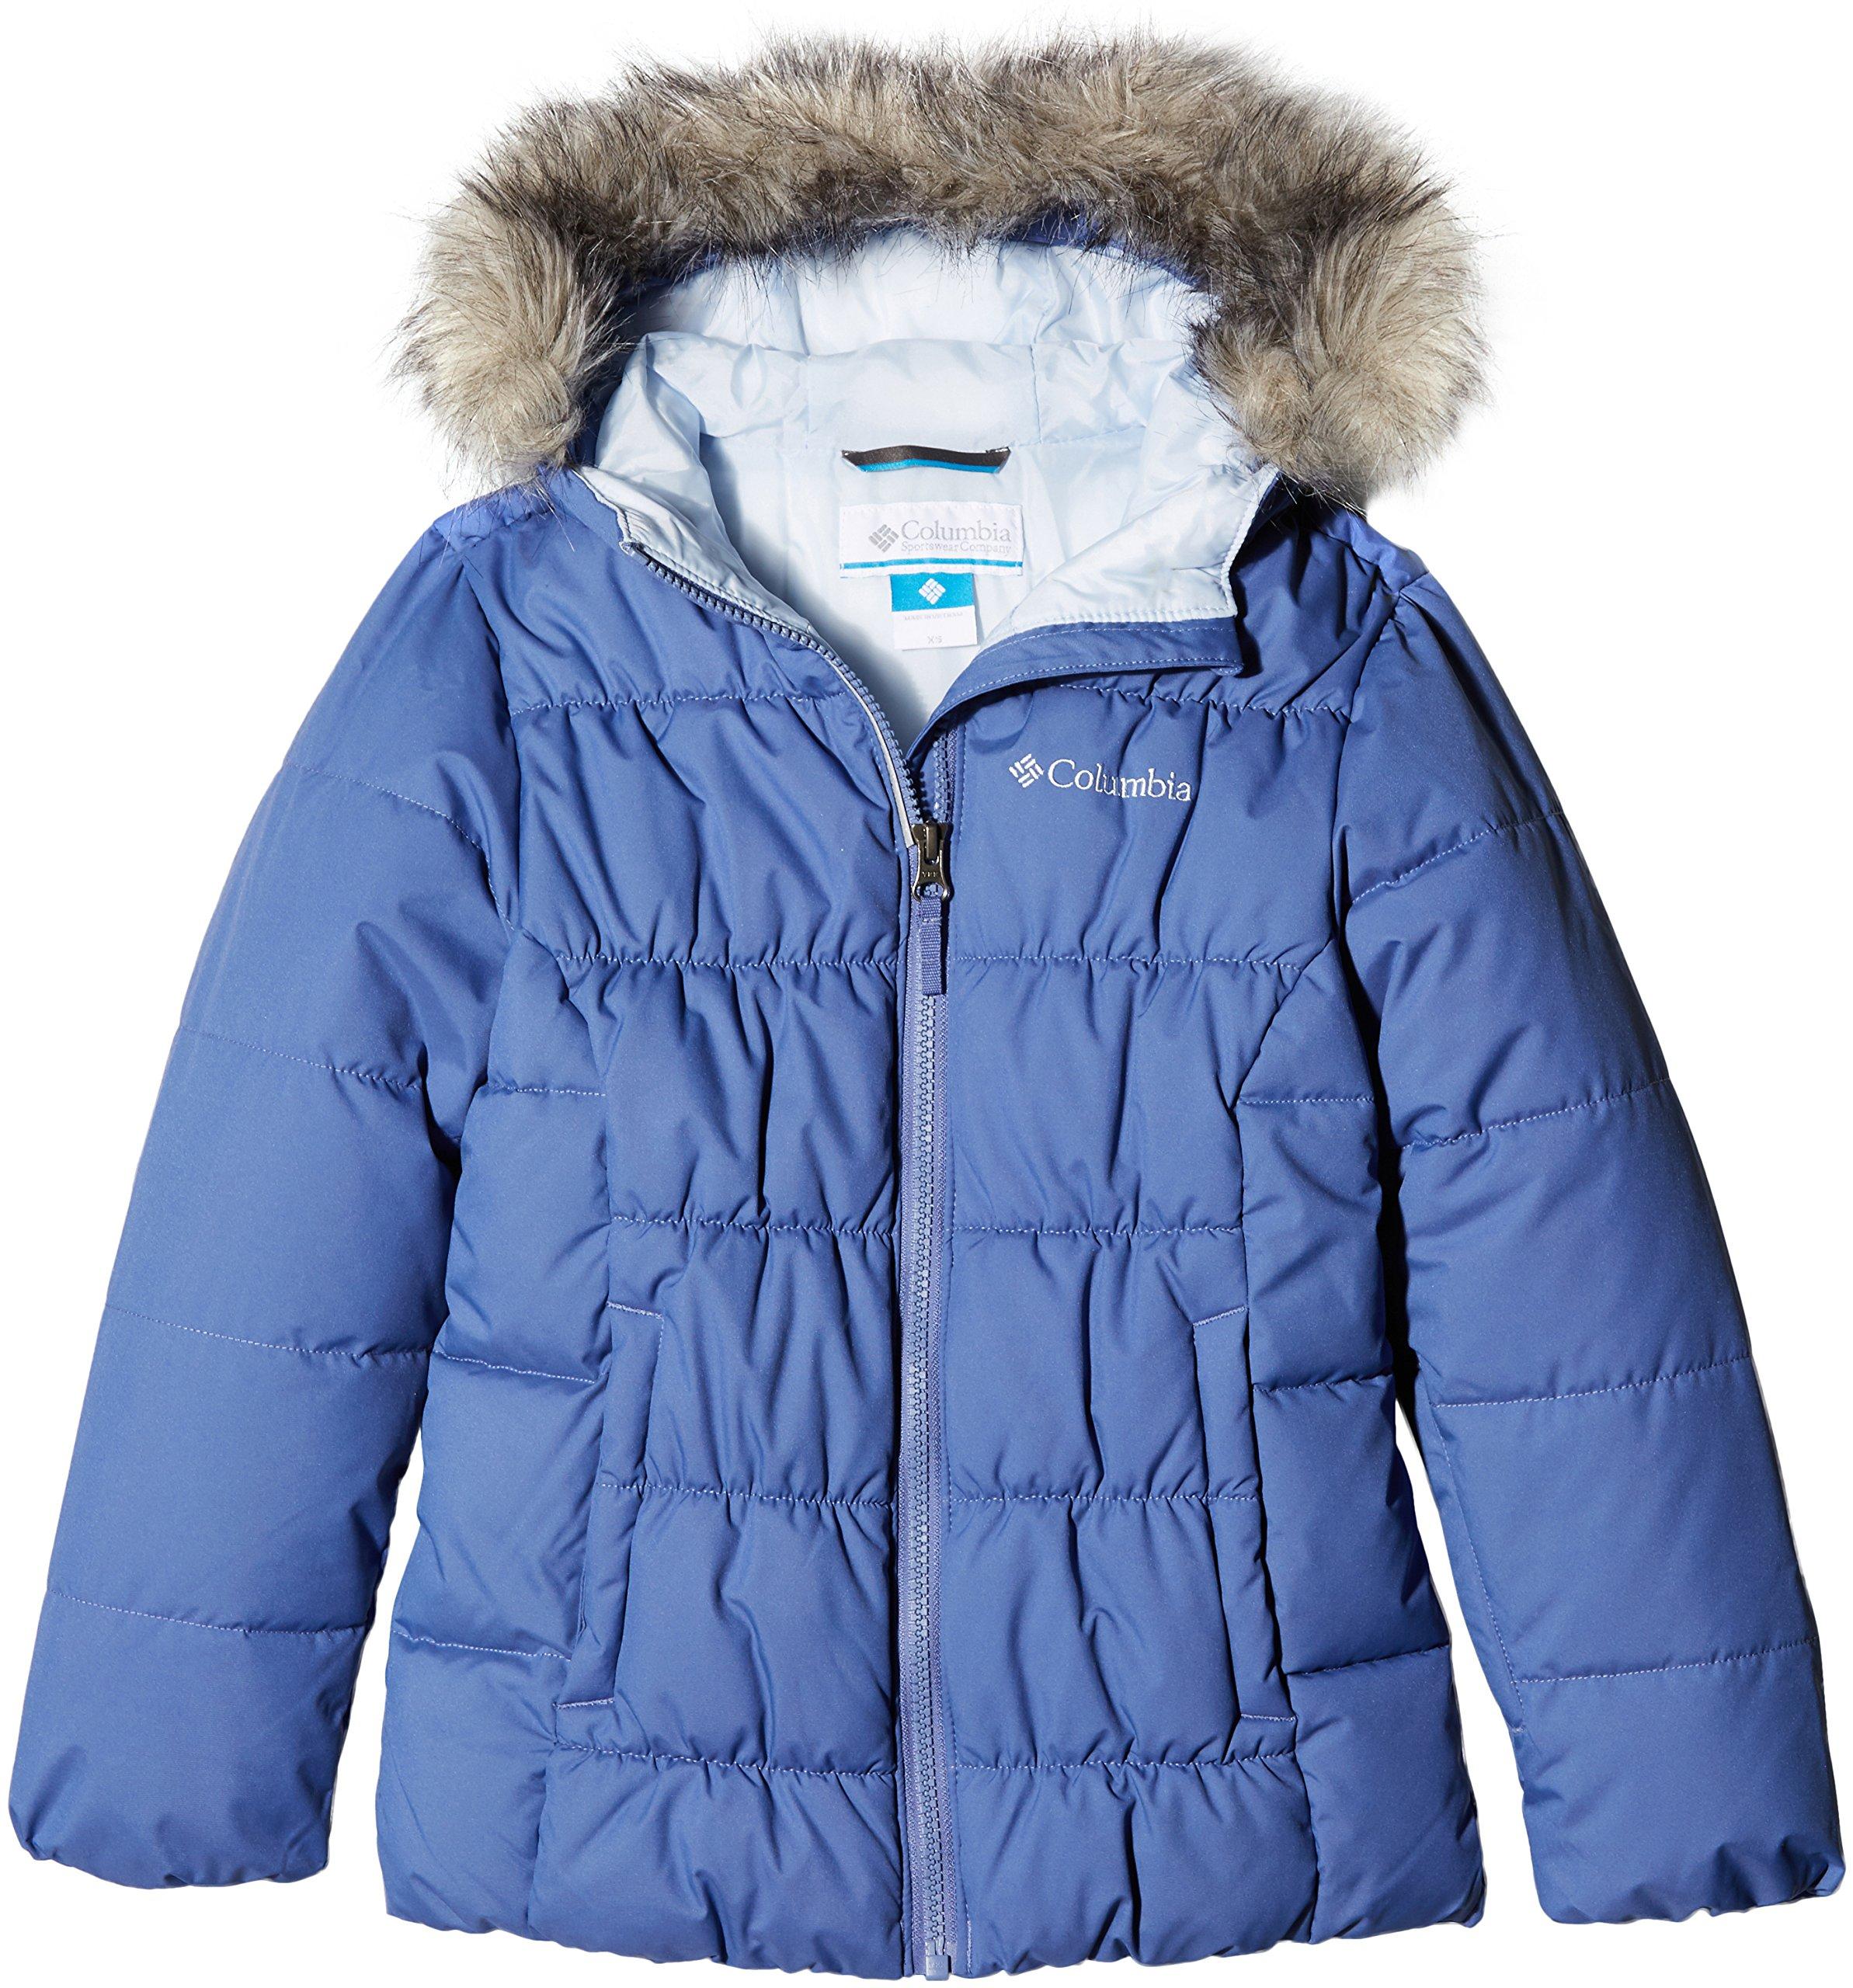 Mejor chaqueta amazon españa